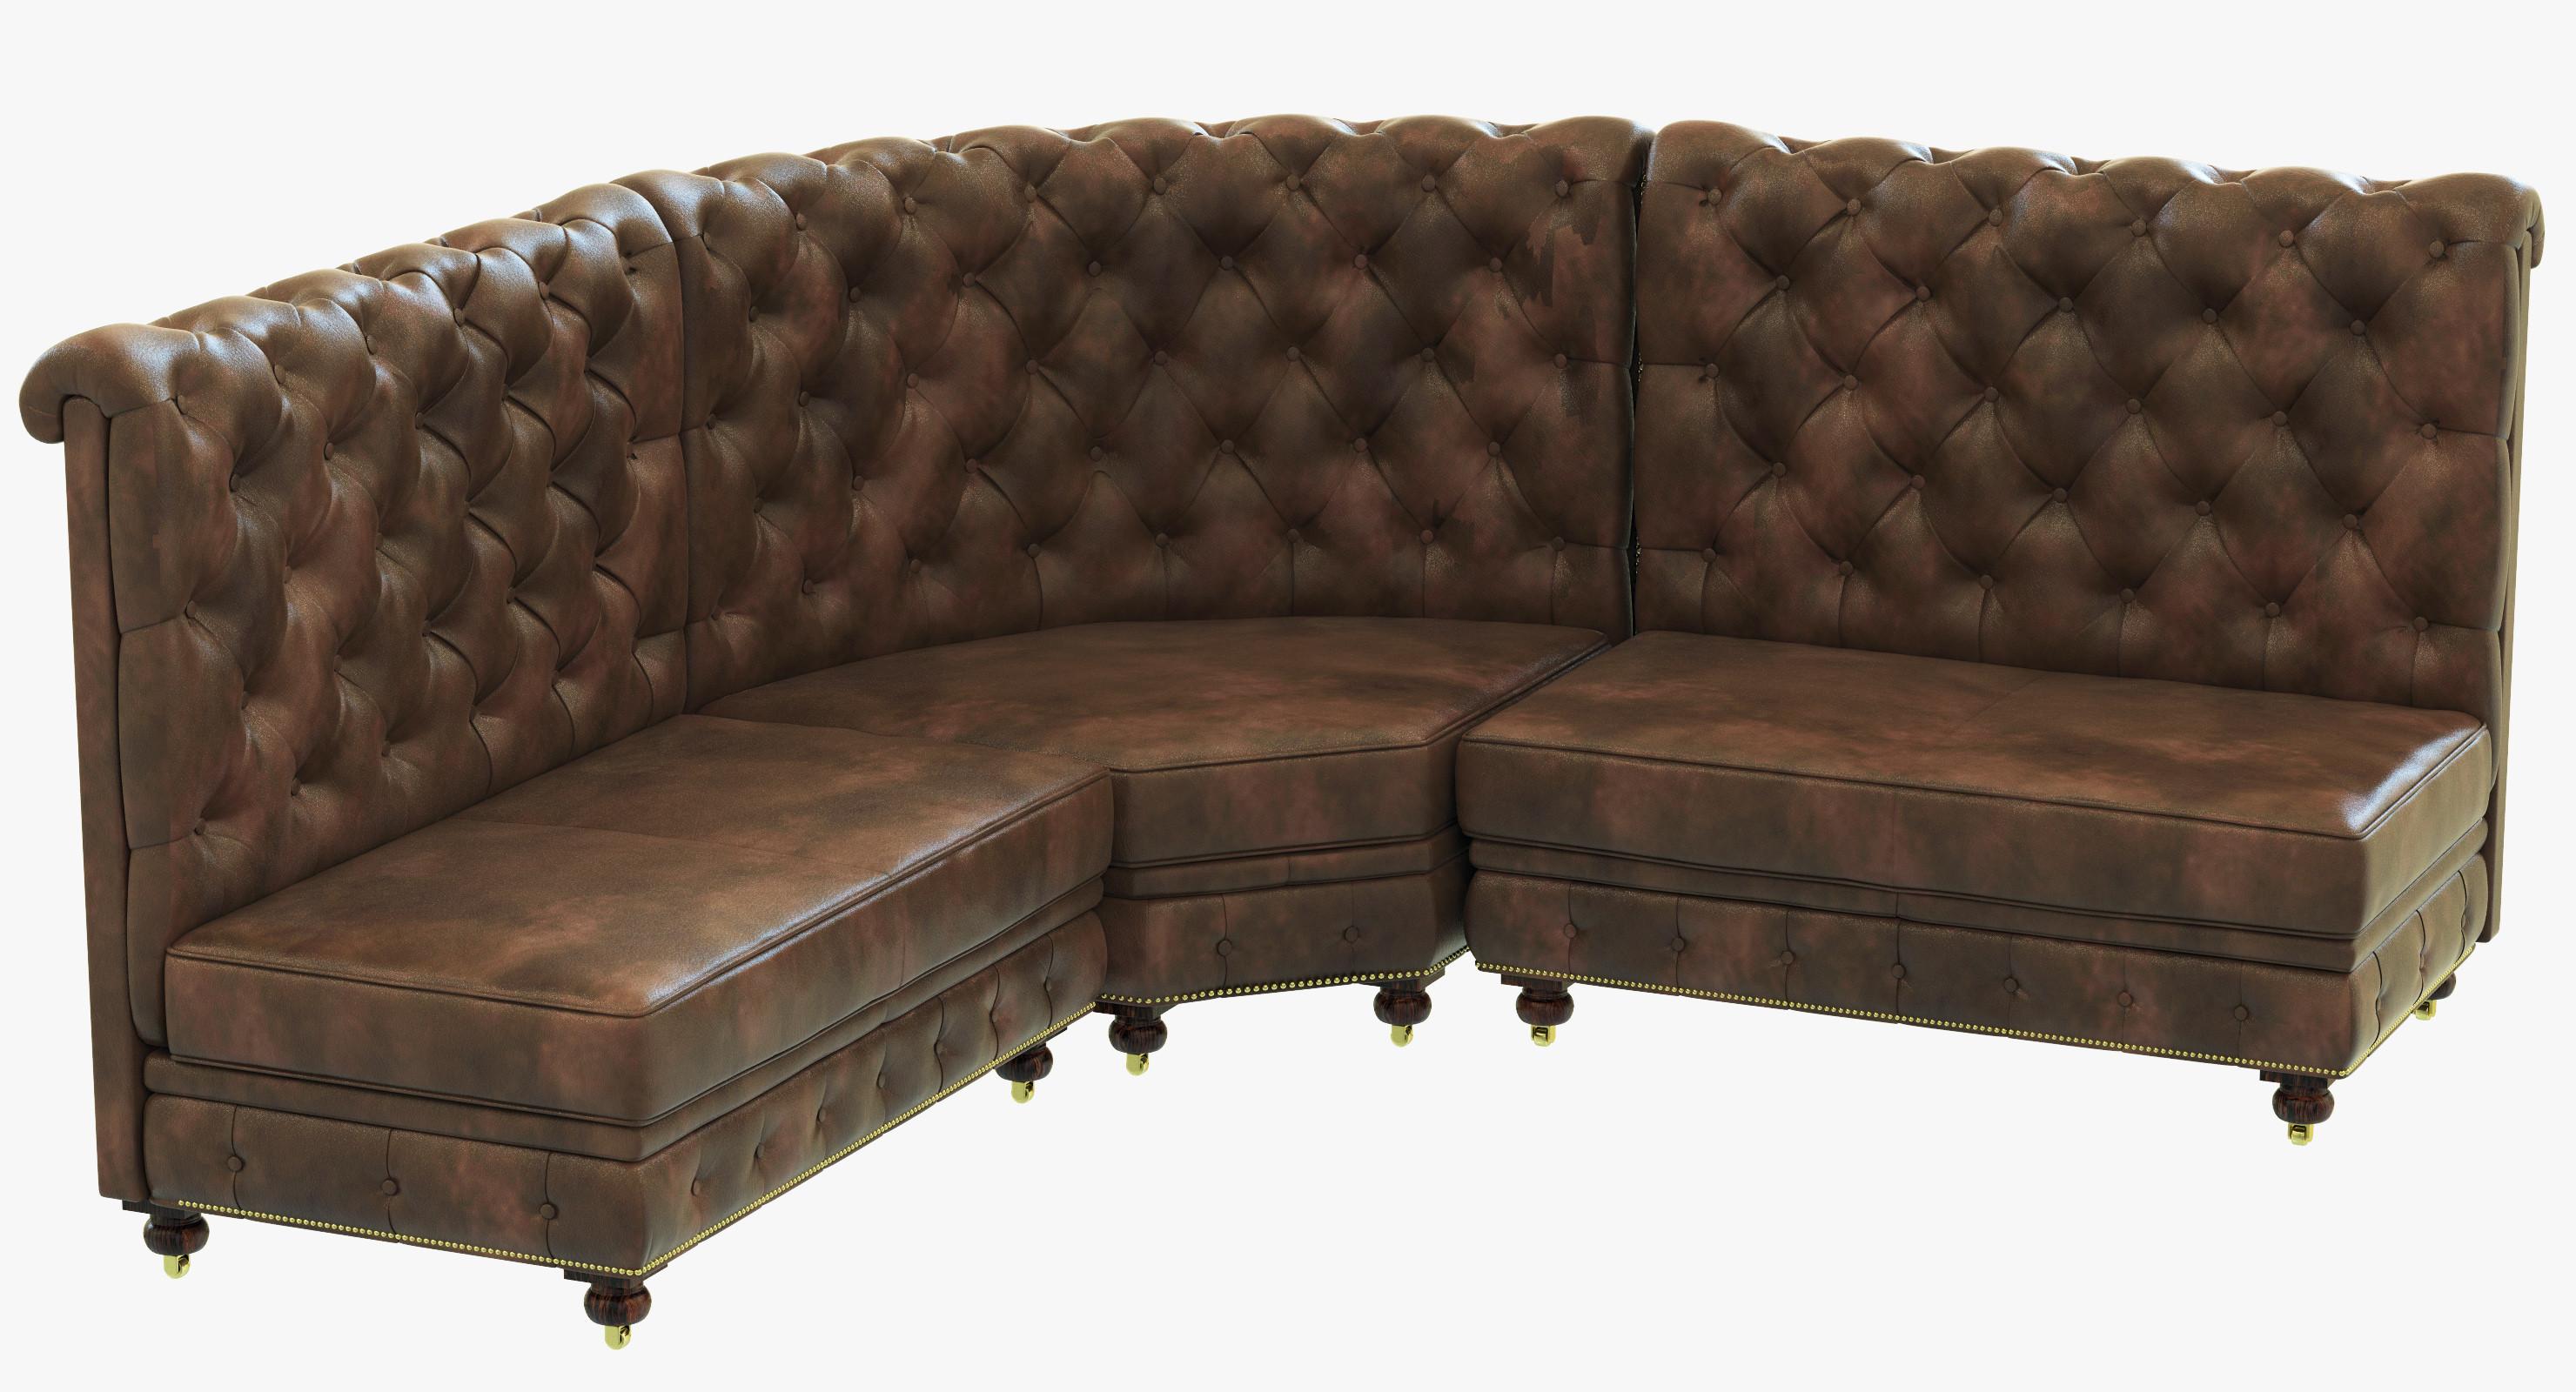 Restoration Hardware Kensington Leather L Banquette2.jpg